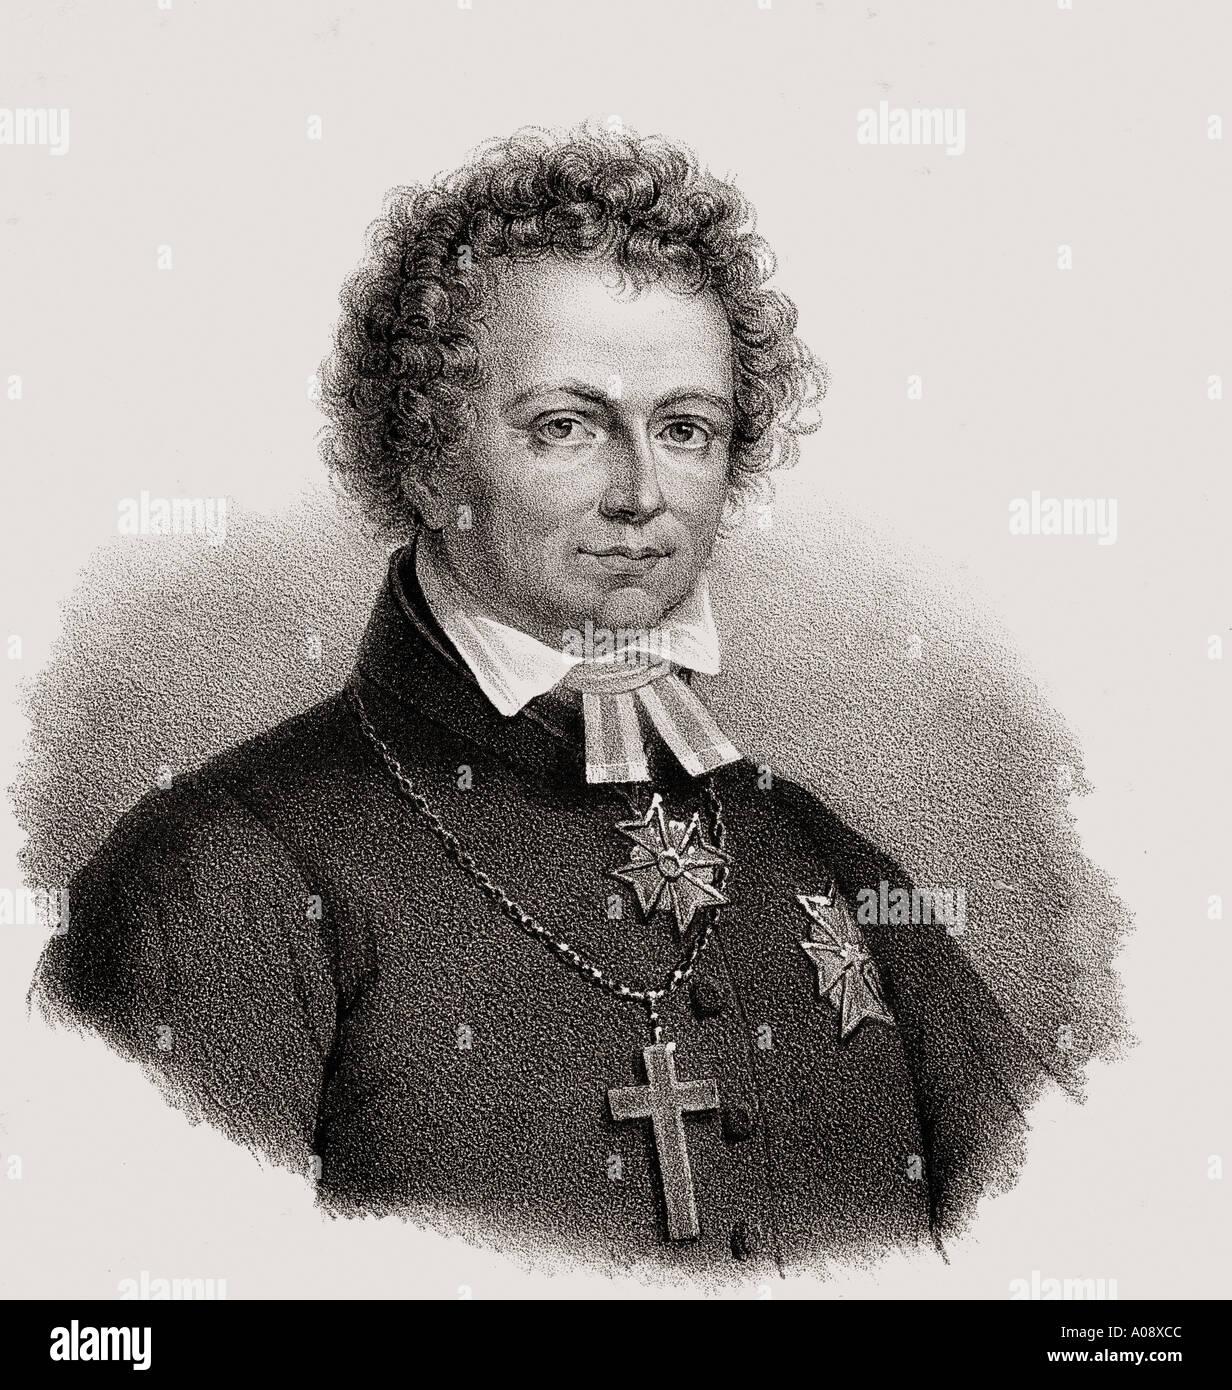 Esaias Tegner, 1782 - 1846.   Swedish writer, professor of Greek language, and bishop. - Stock Image